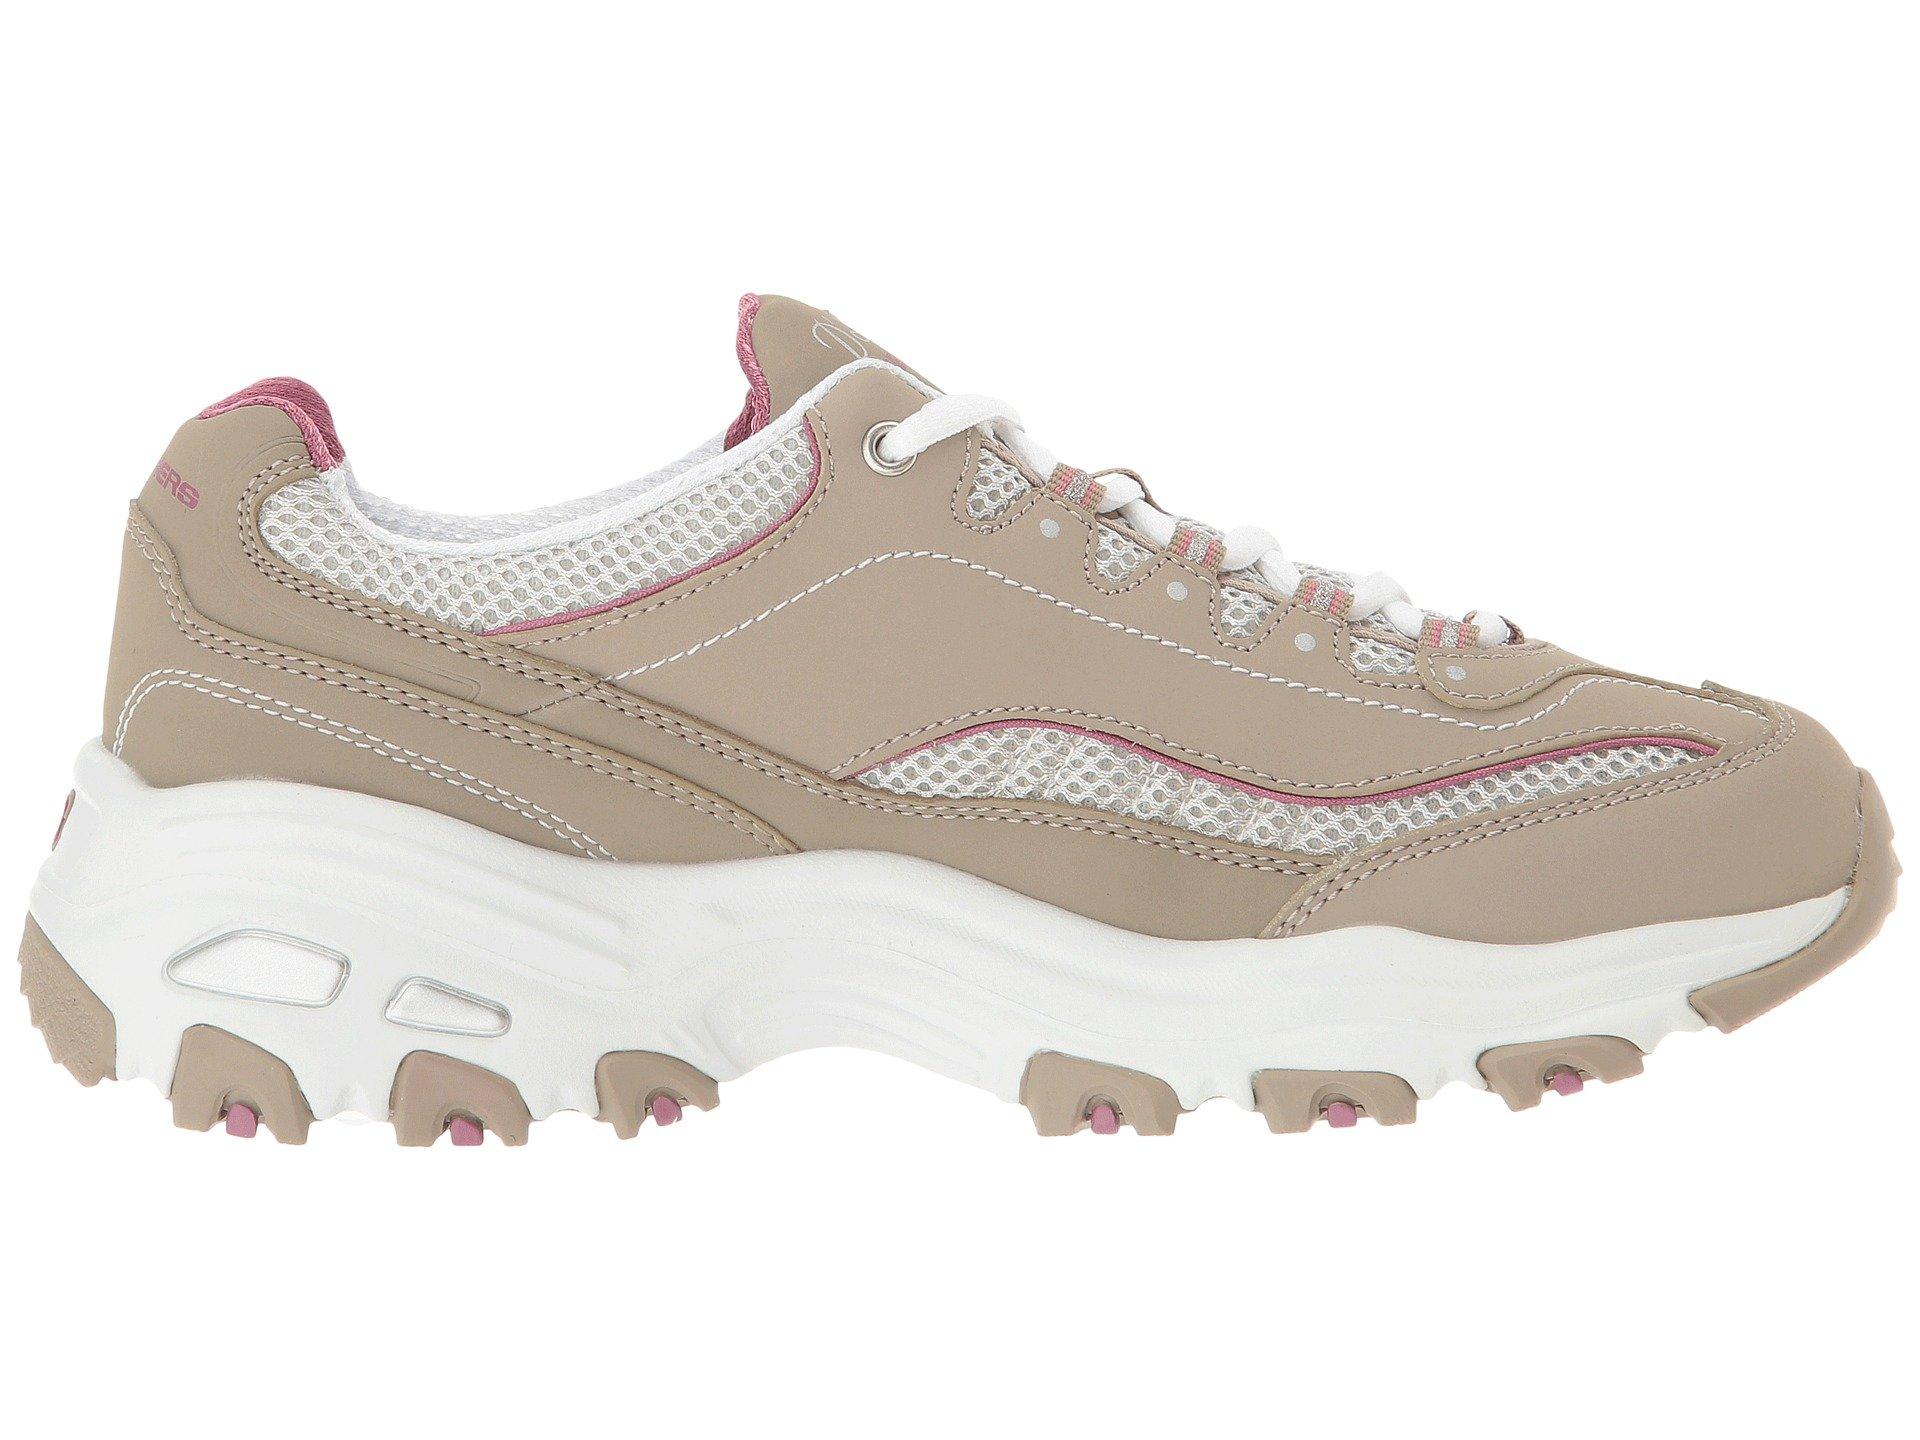 Skechers Memory Foam Shoes Girls Kids Amazon